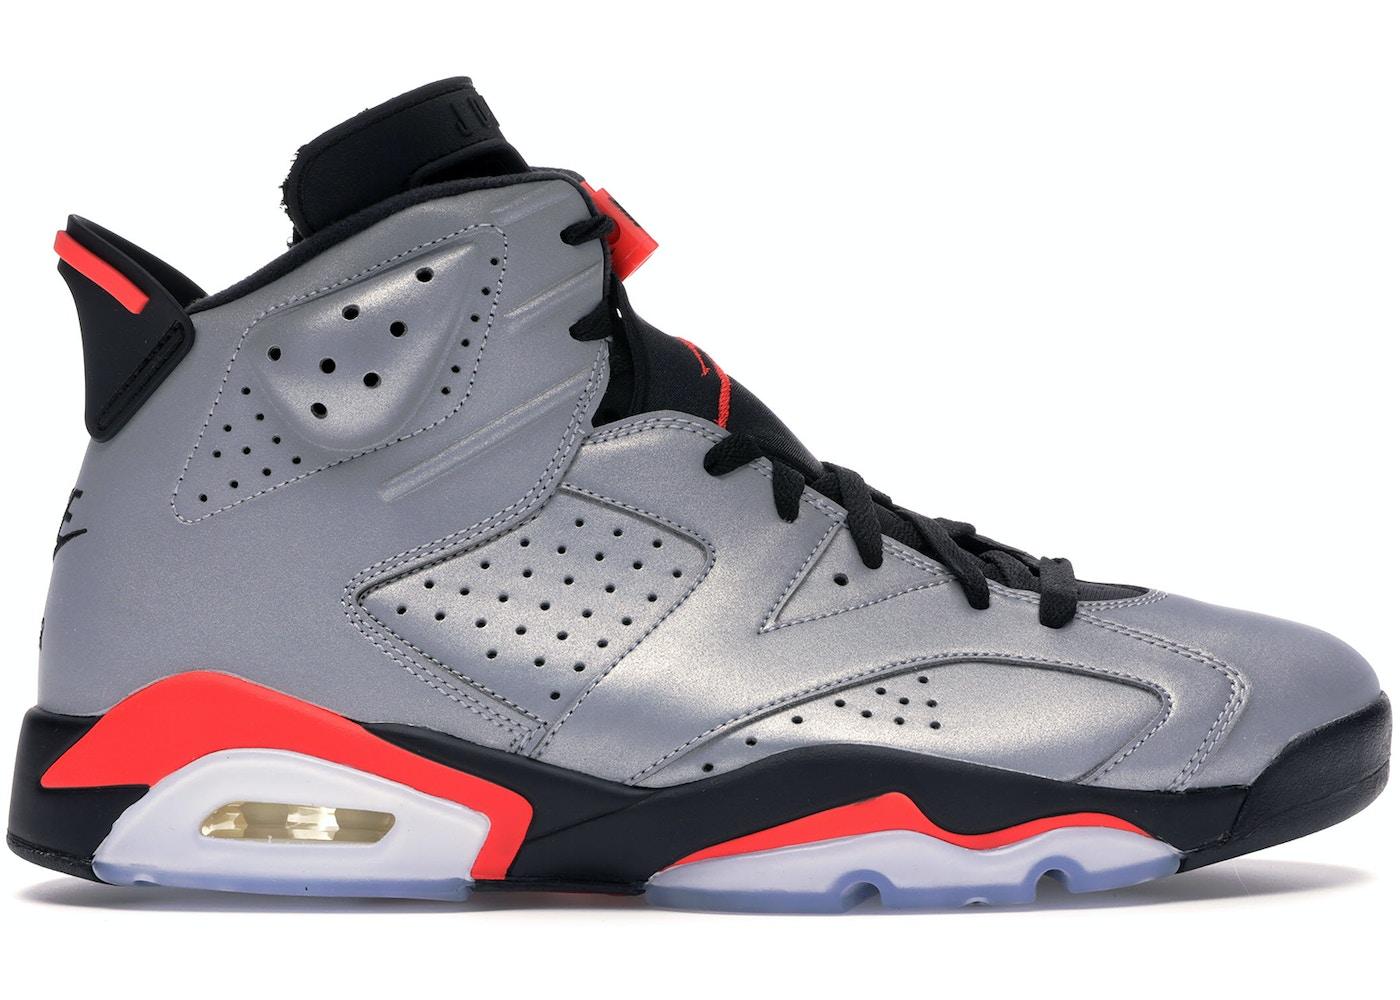 dc7d41590e7 Buy Air Jordan 6 Shoes & Deadstock Sneakers